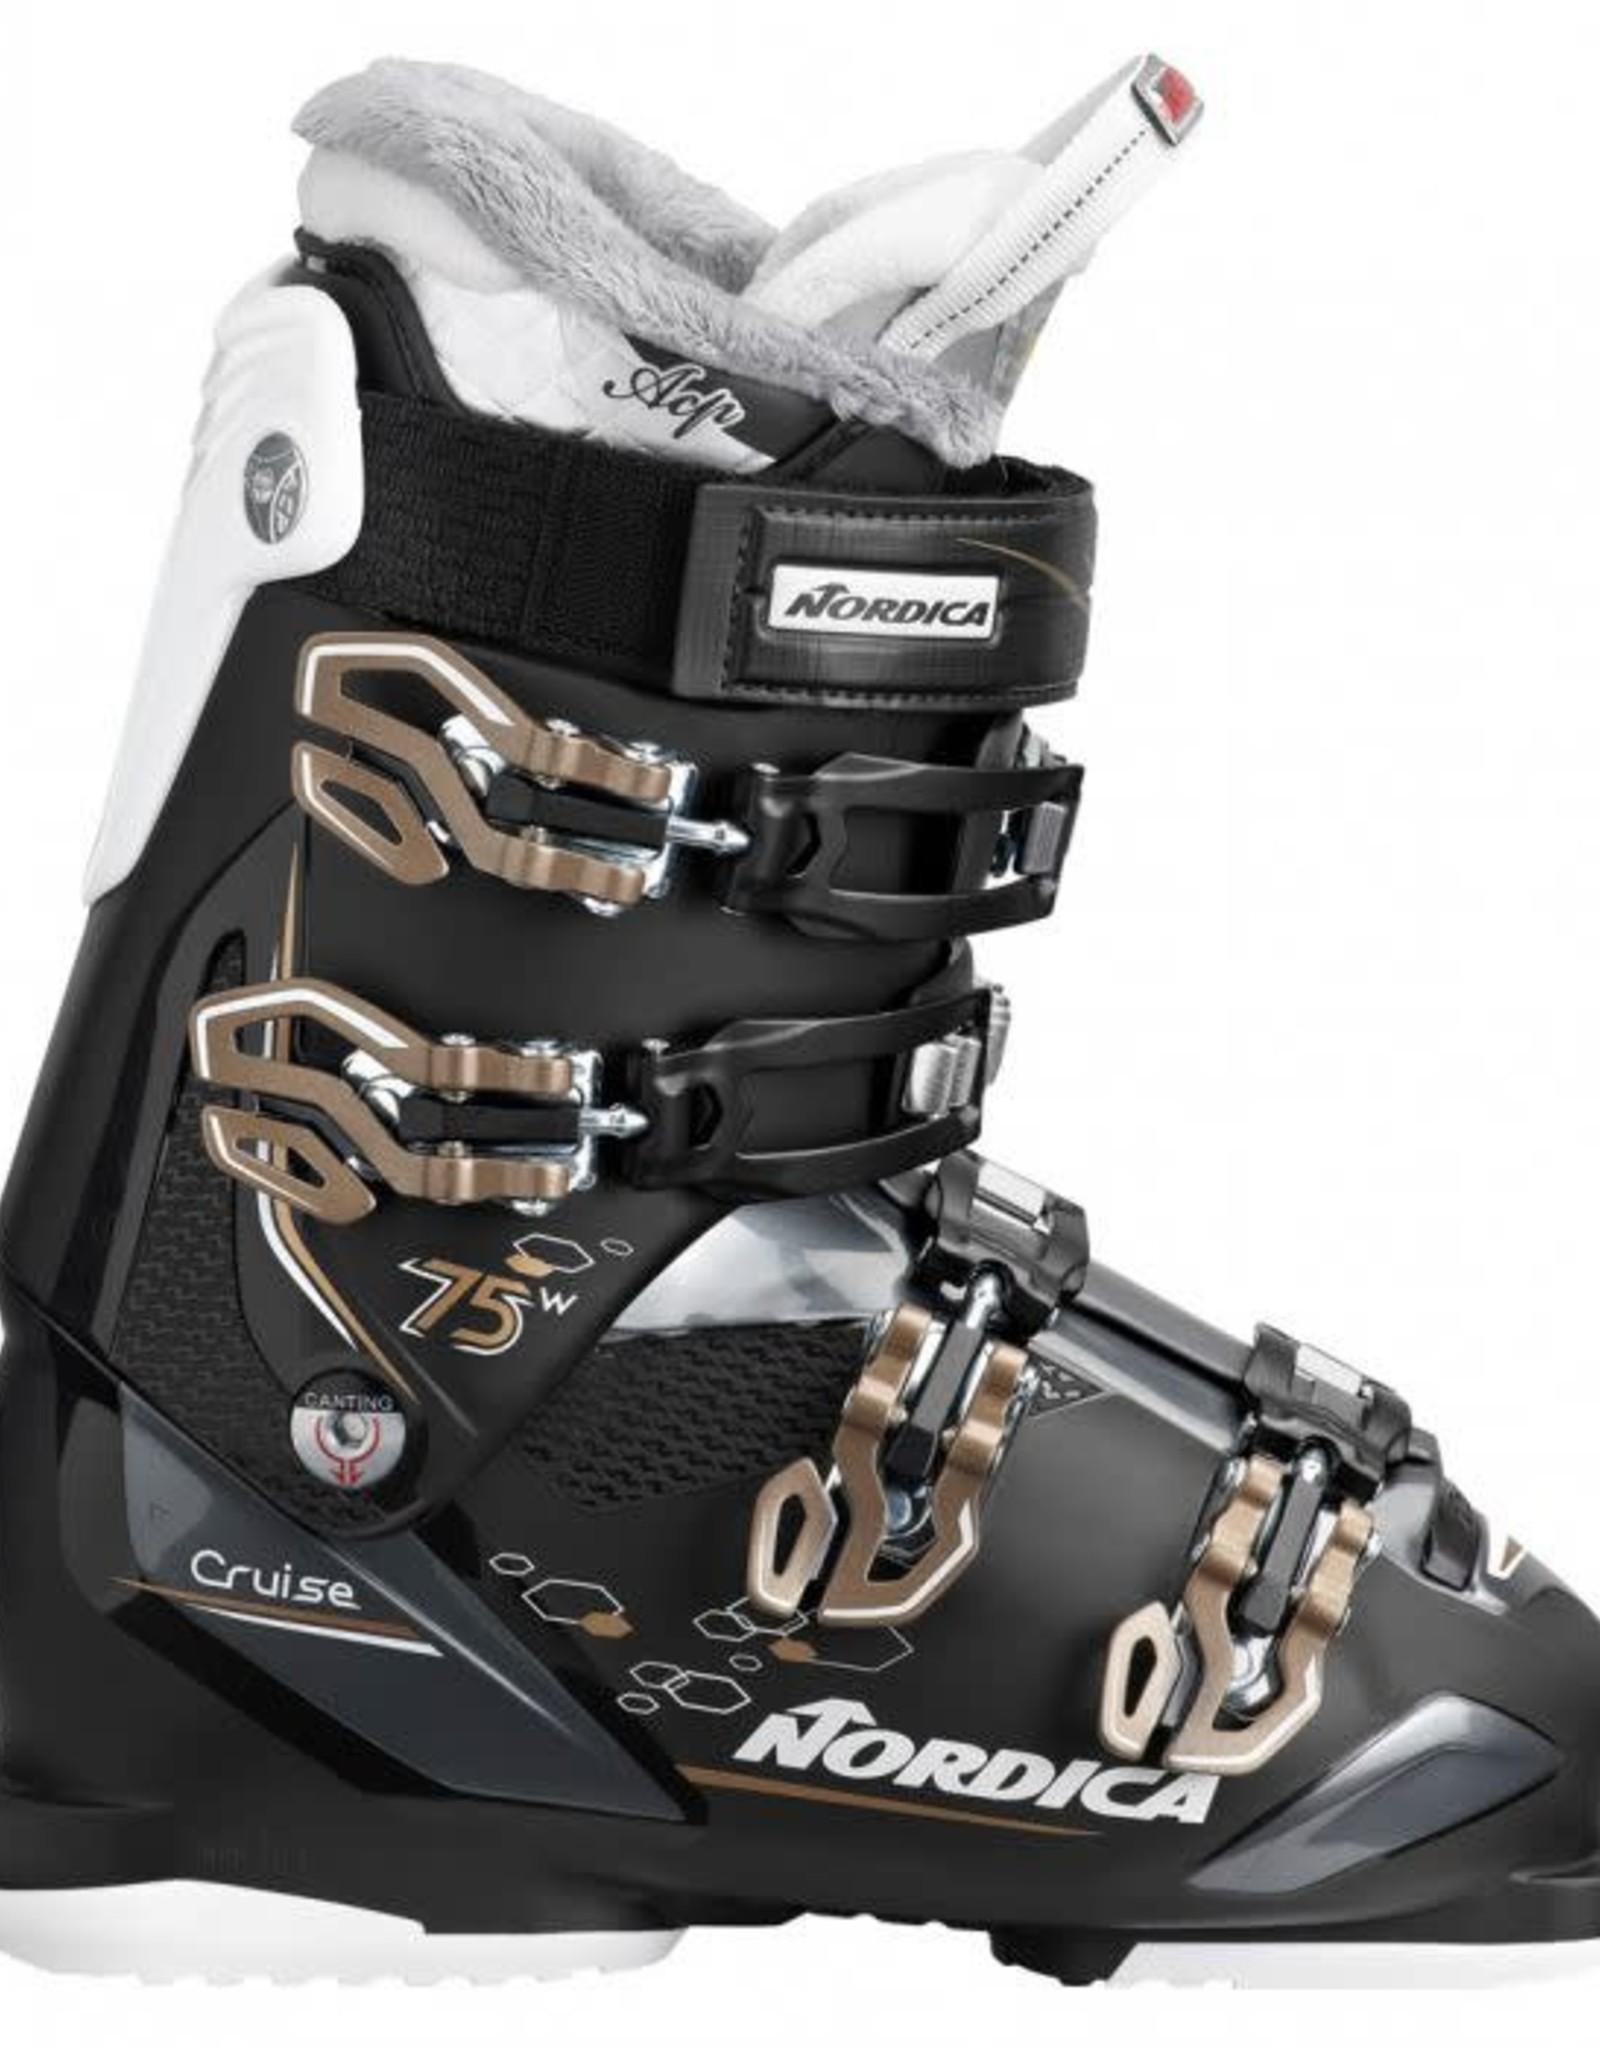 NORDICA NORDICA Ski Boots CRUISE 75 W (18/19)